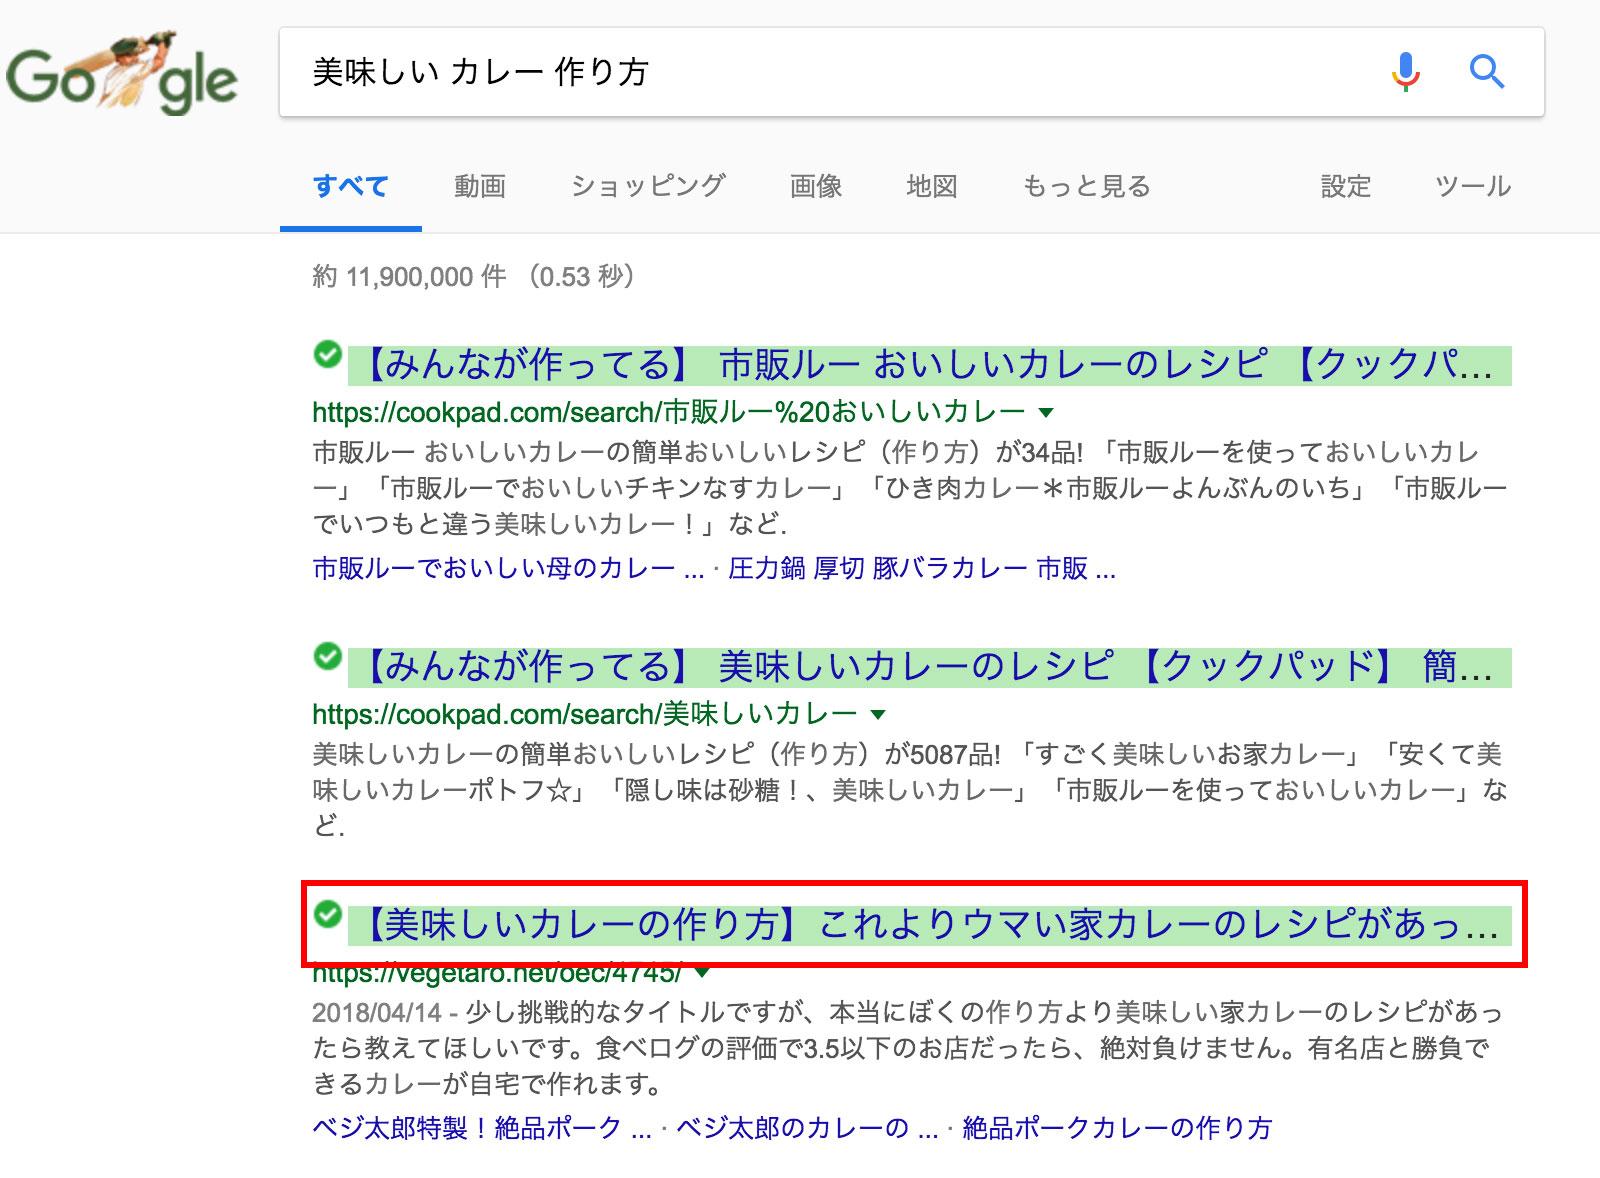 美味しいカレーの作り方の検索結果の画面